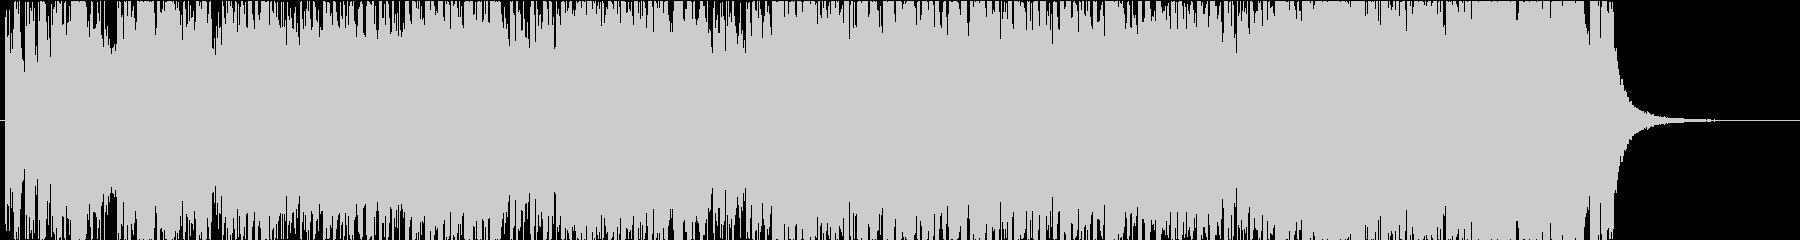 ジングルベルのオーケストラアレンジ版3の未再生の波形